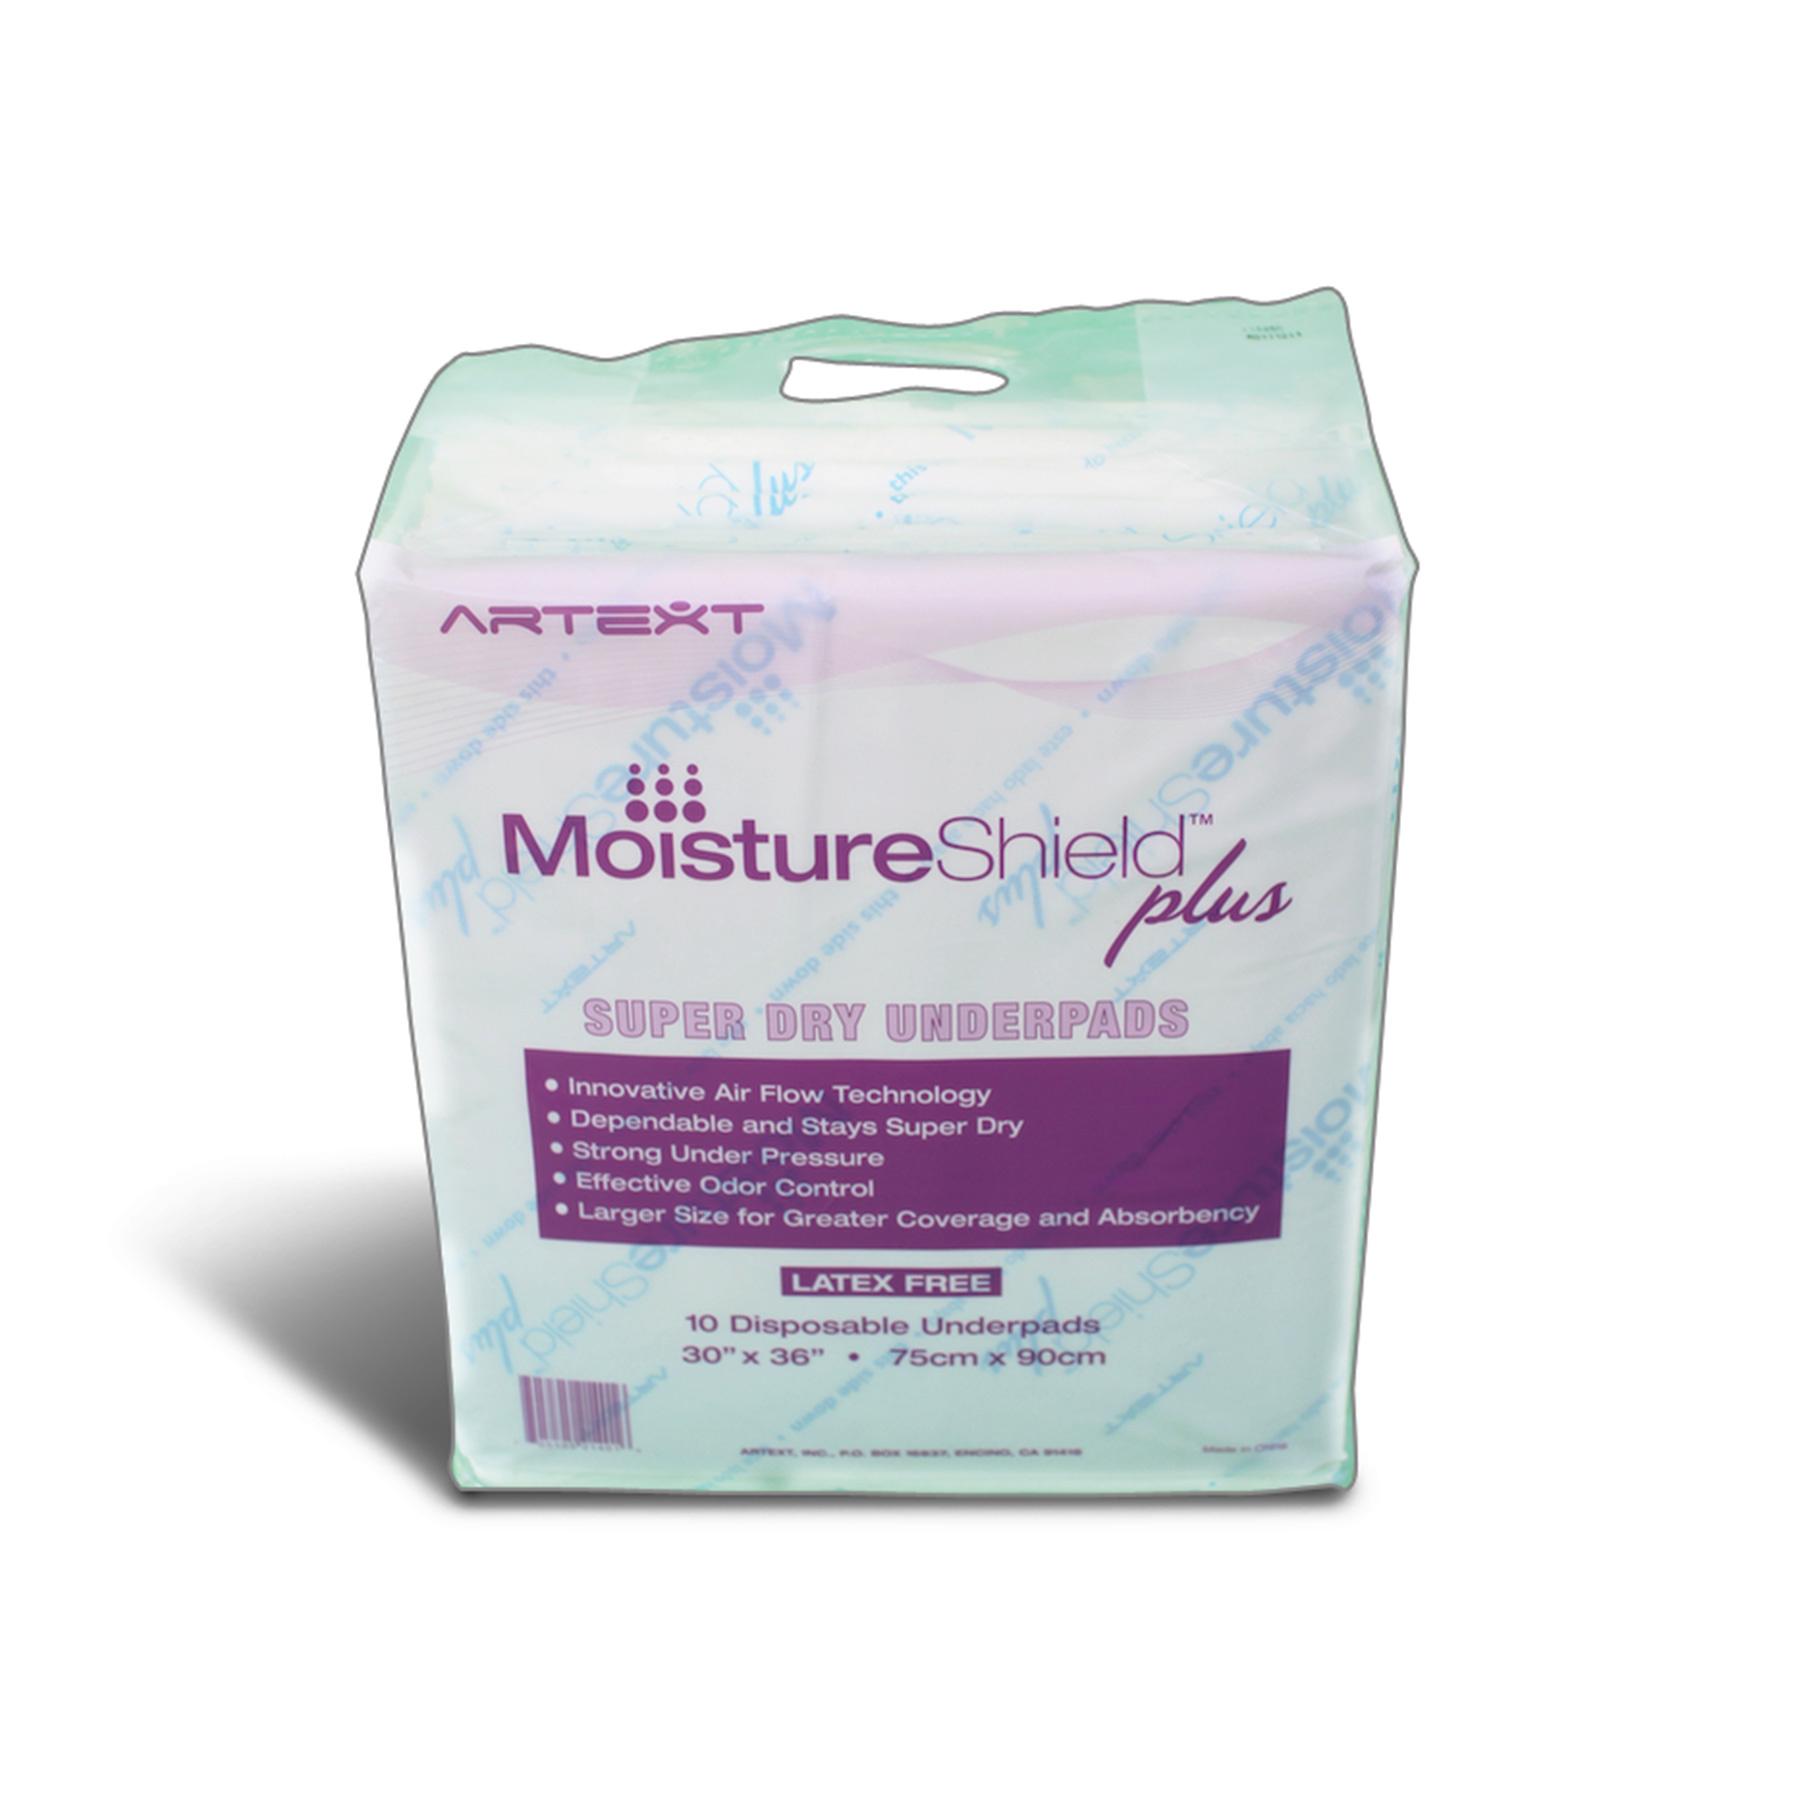 Artext MoistureShield Poly Bag Packaging